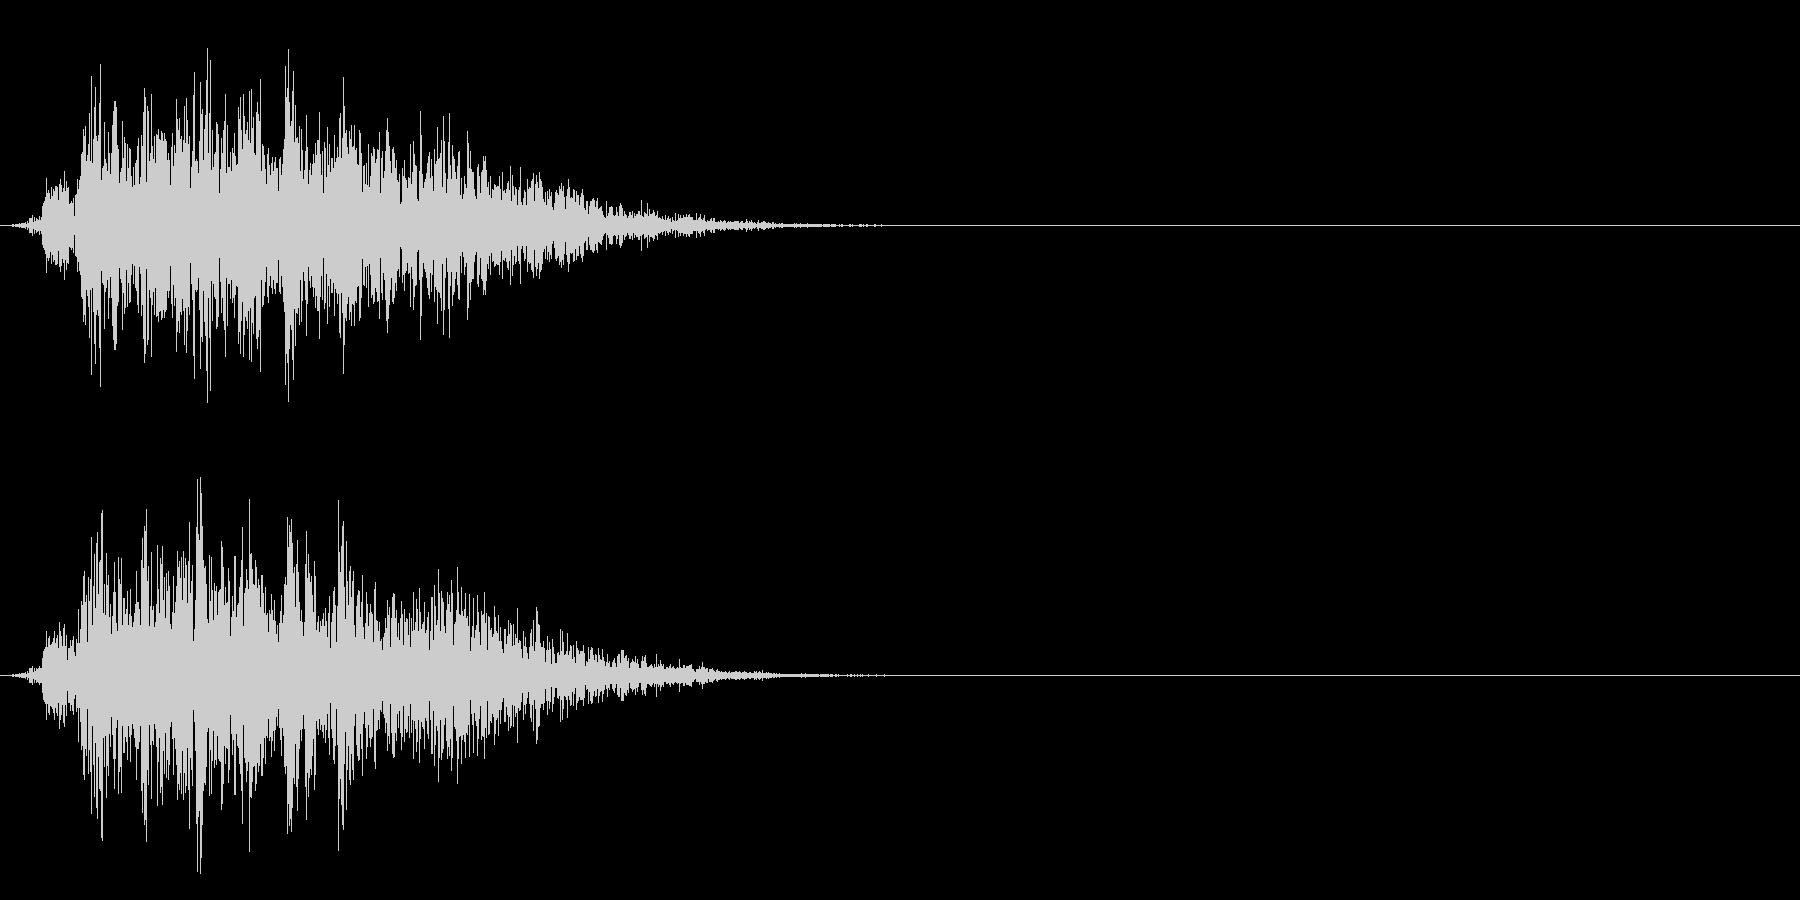 コミカルなダッシュ/ジャンプの効果音01の未再生の波形